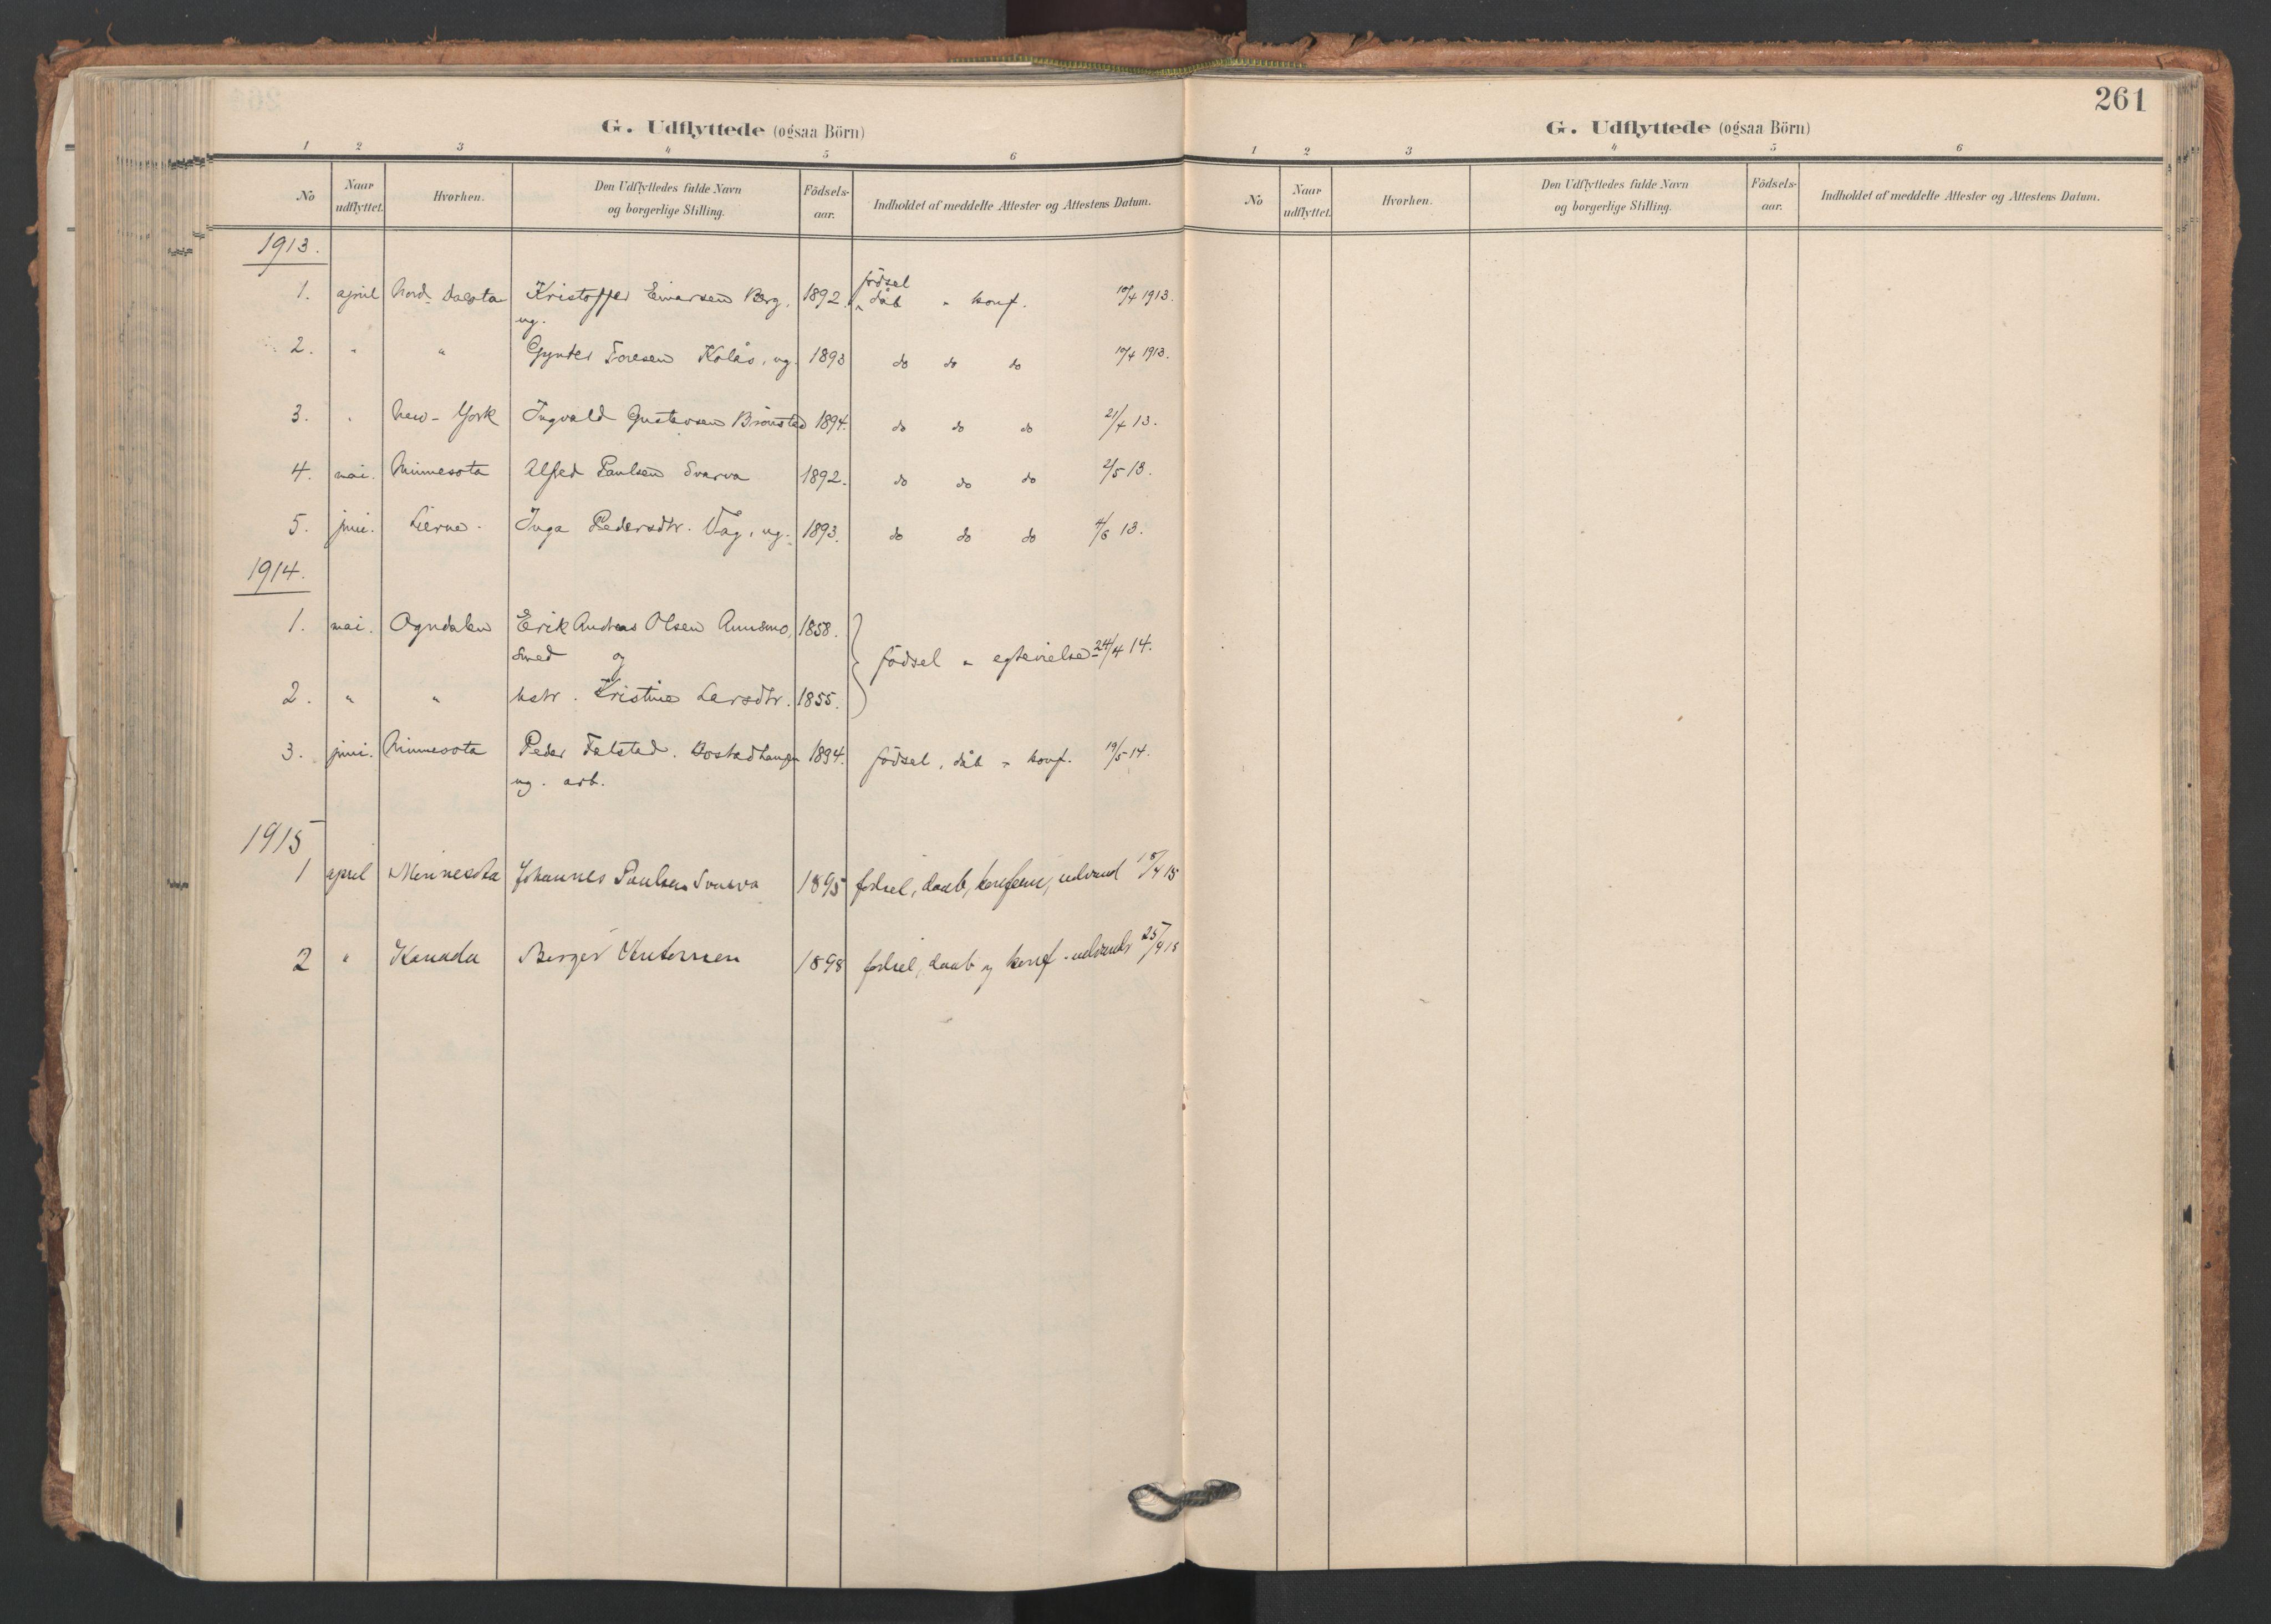 SAT, Ministerialprotokoller, klokkerbøker og fødselsregistre - Nord-Trøndelag, 749/L0477: Ministerialbok nr. 749A11, 1902-1927, s. 261